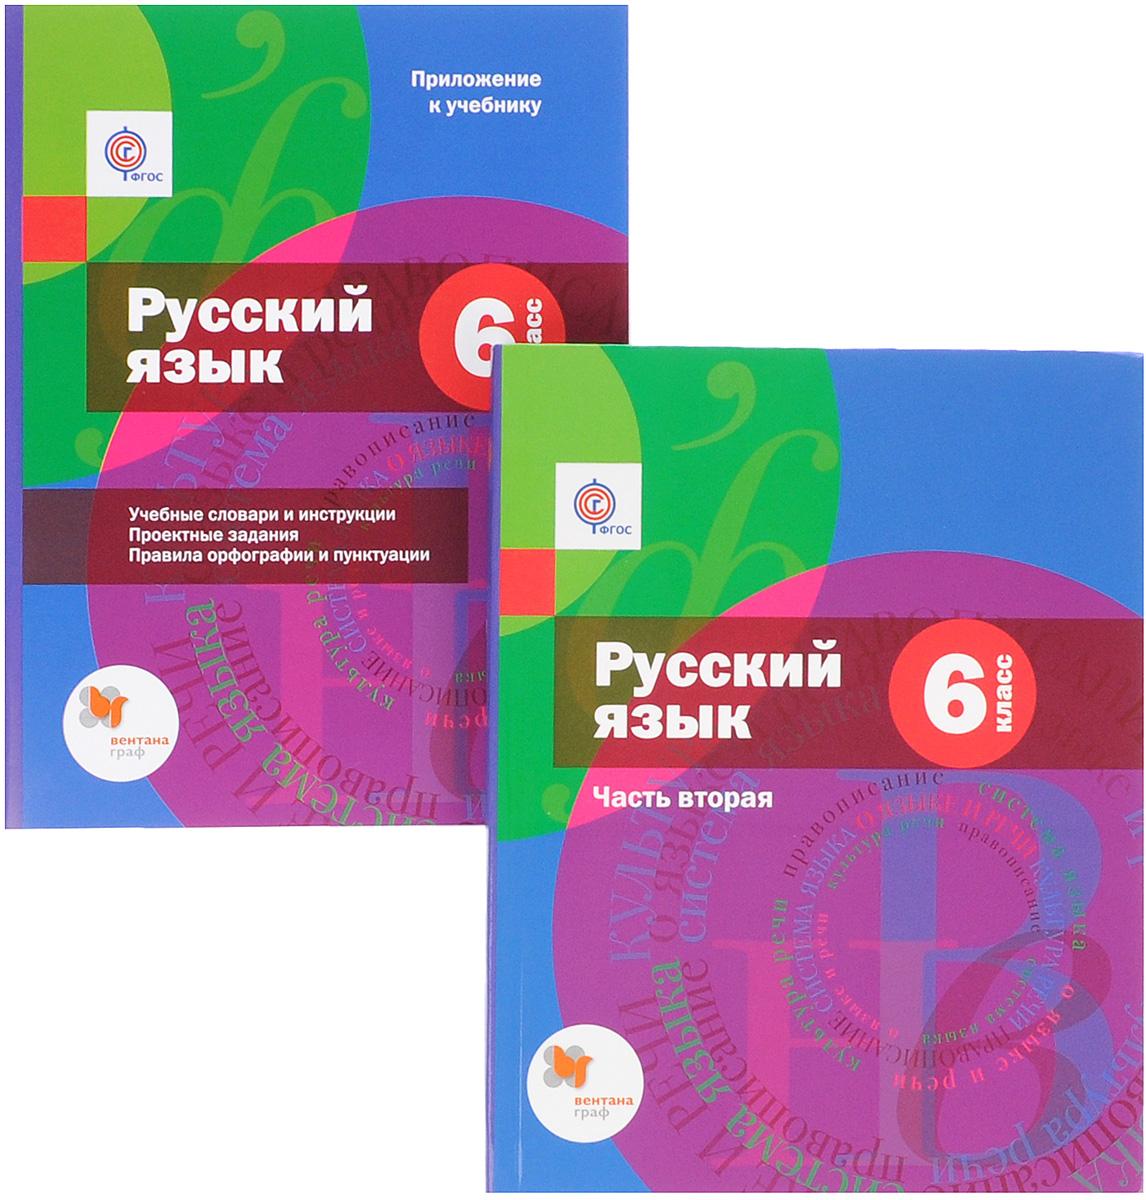 граф гдз часть класс 2 русскому фгос по вентана 6 часть языку 2 шмелева